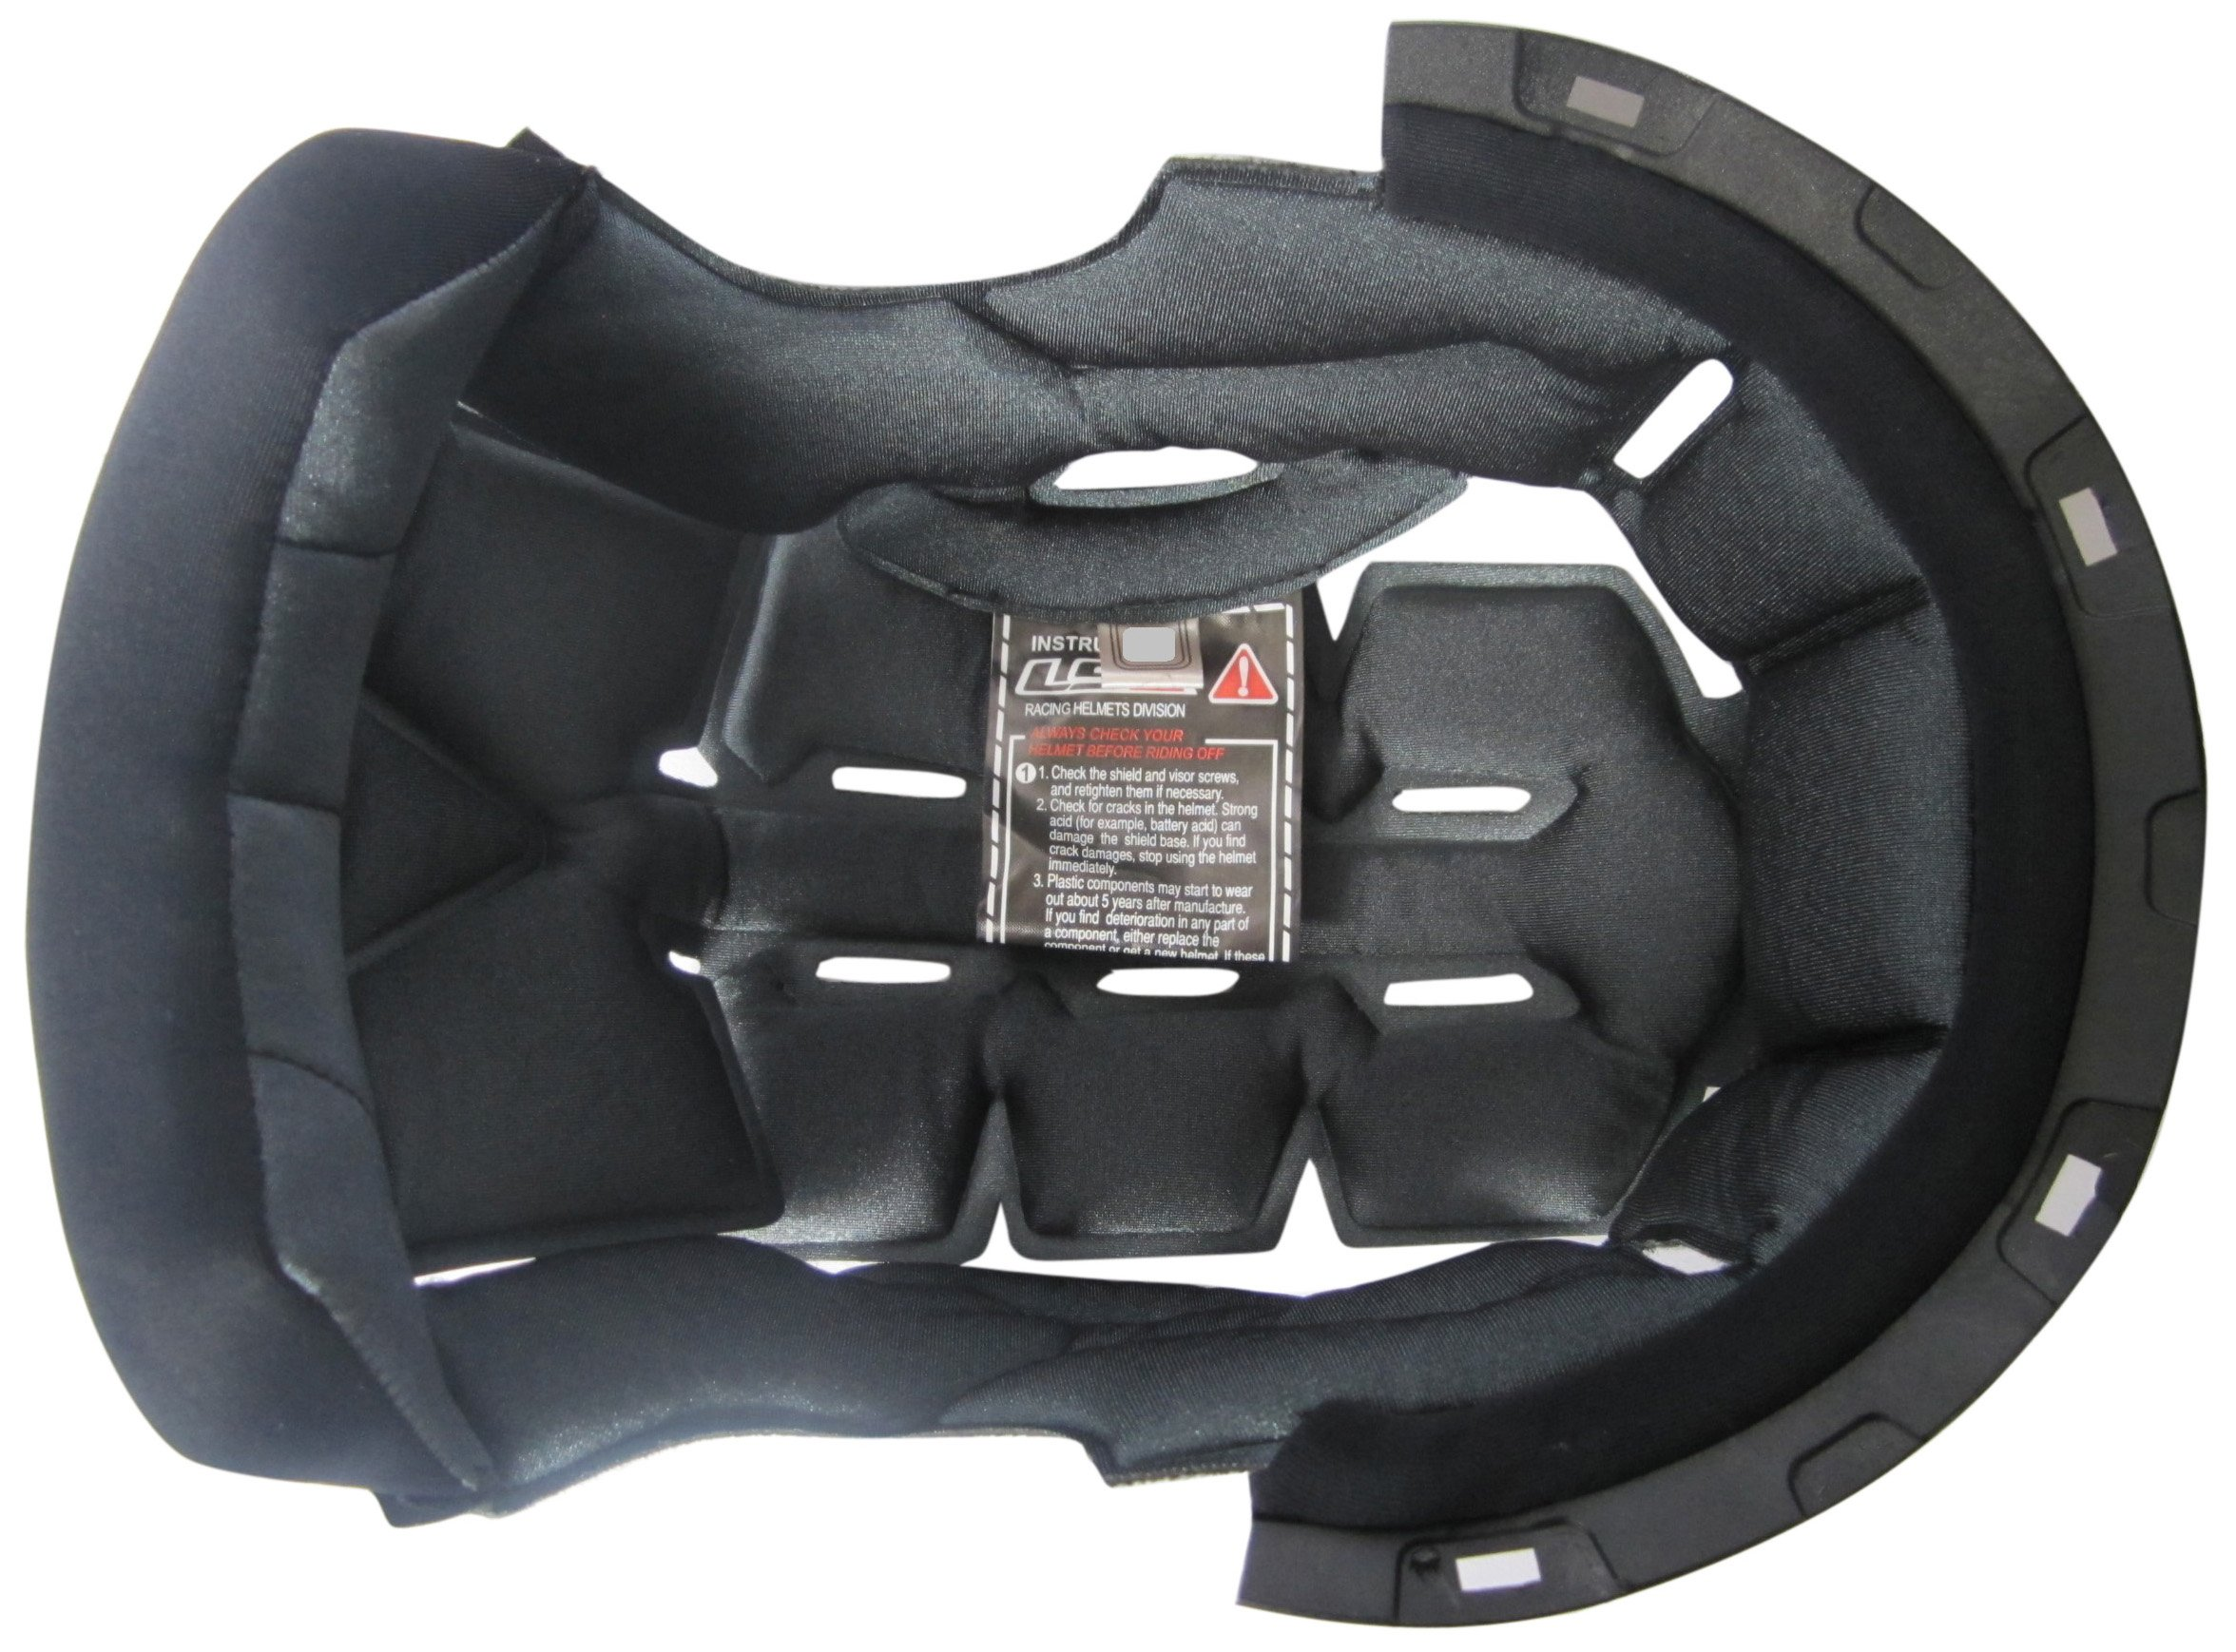 LS2 Helmets Liner for FF386 Helmets (Black, Medium)